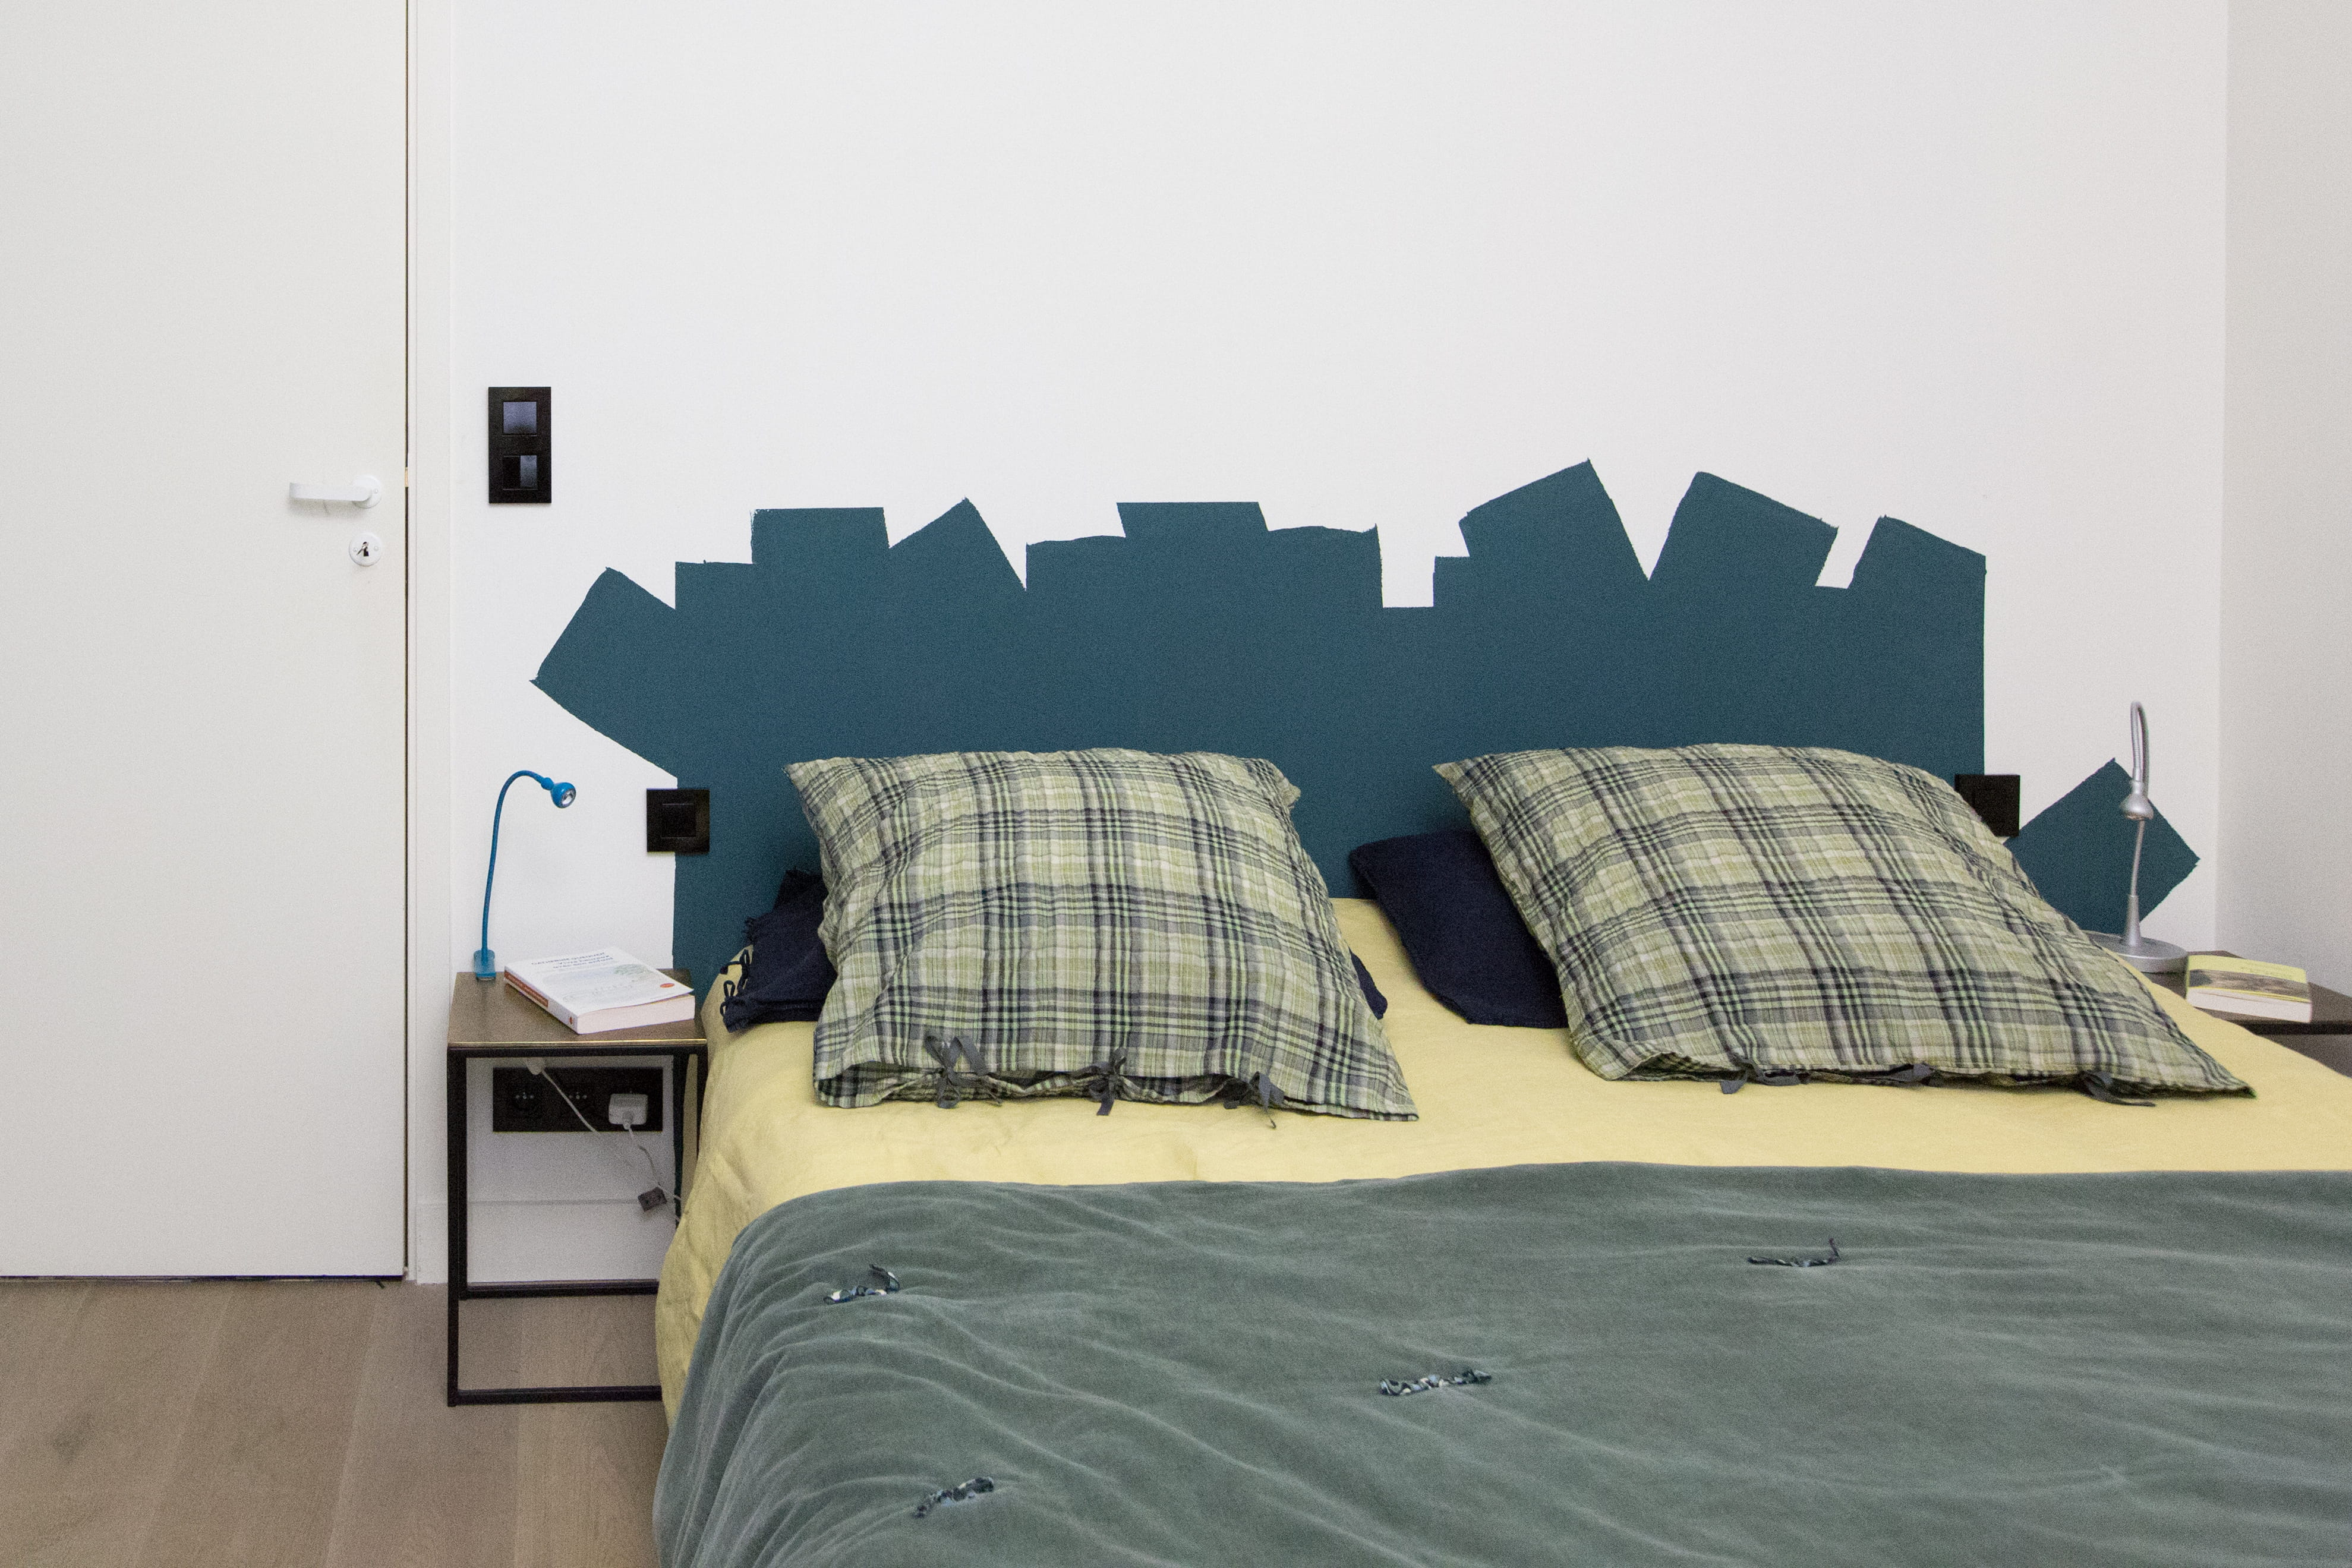 Comment faire une t te de lit en peinture journal des femmes - Peinture tete de lit ...